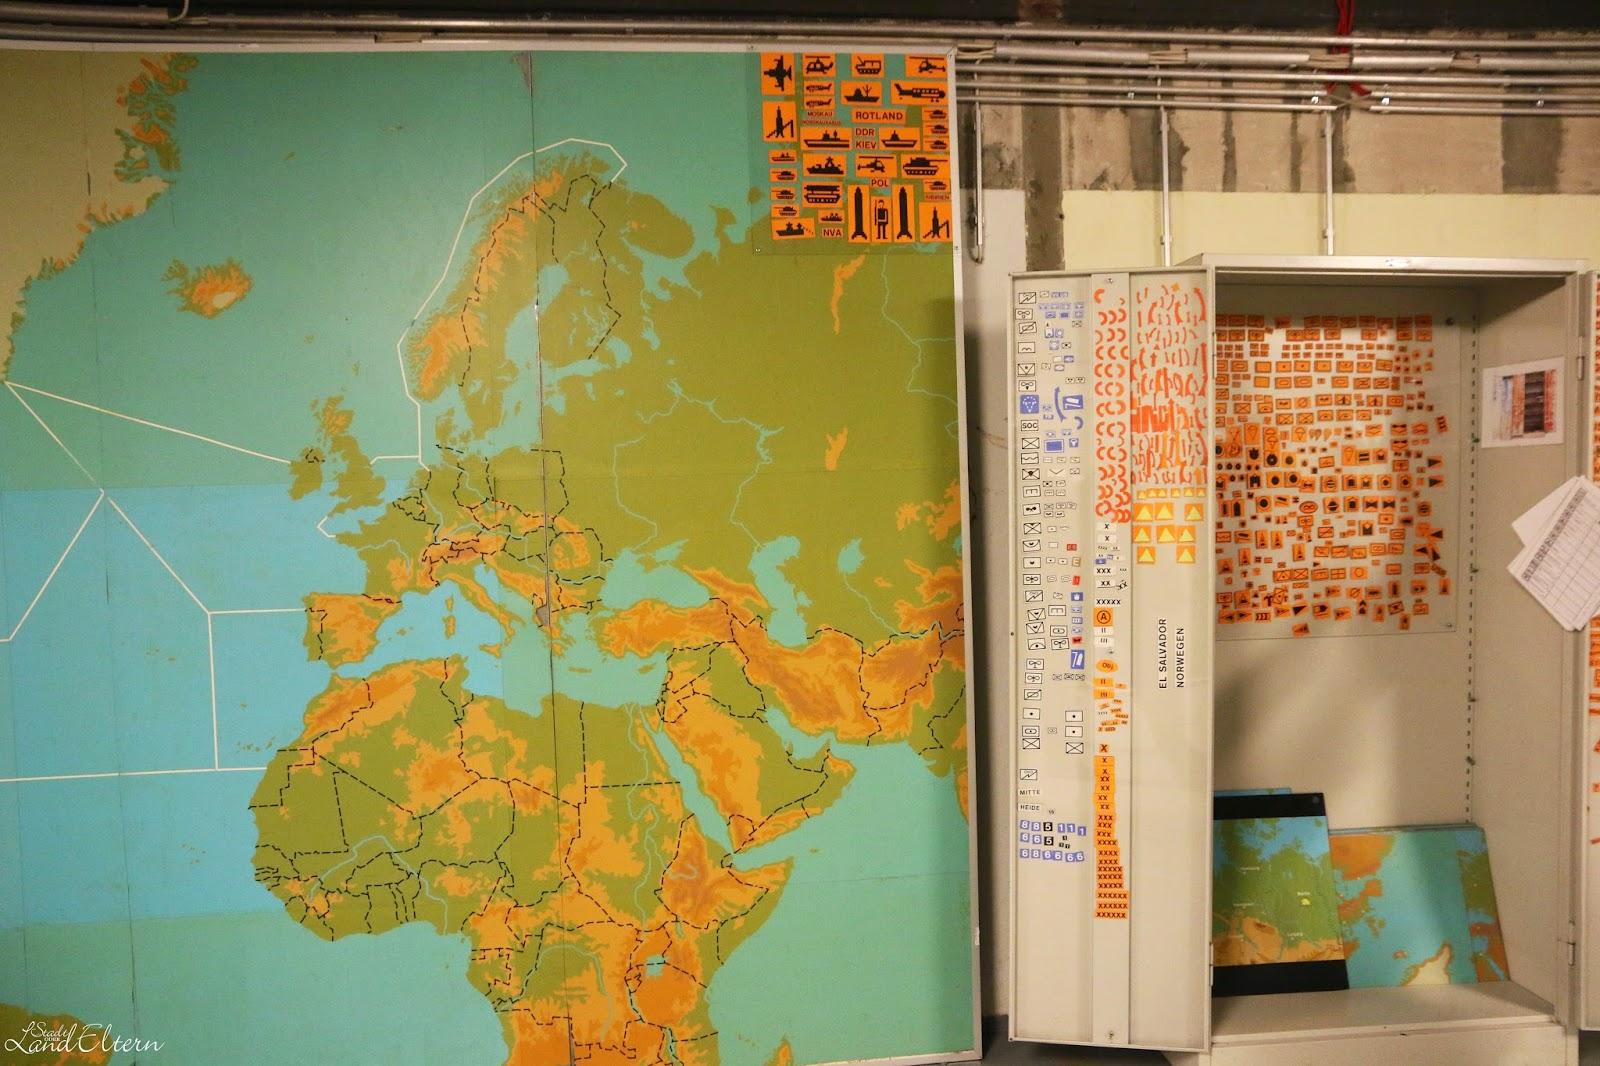 Dokumentationsstätte Regierungsstation Ahrweiler - Einsatzzentrale mit Weltkarte